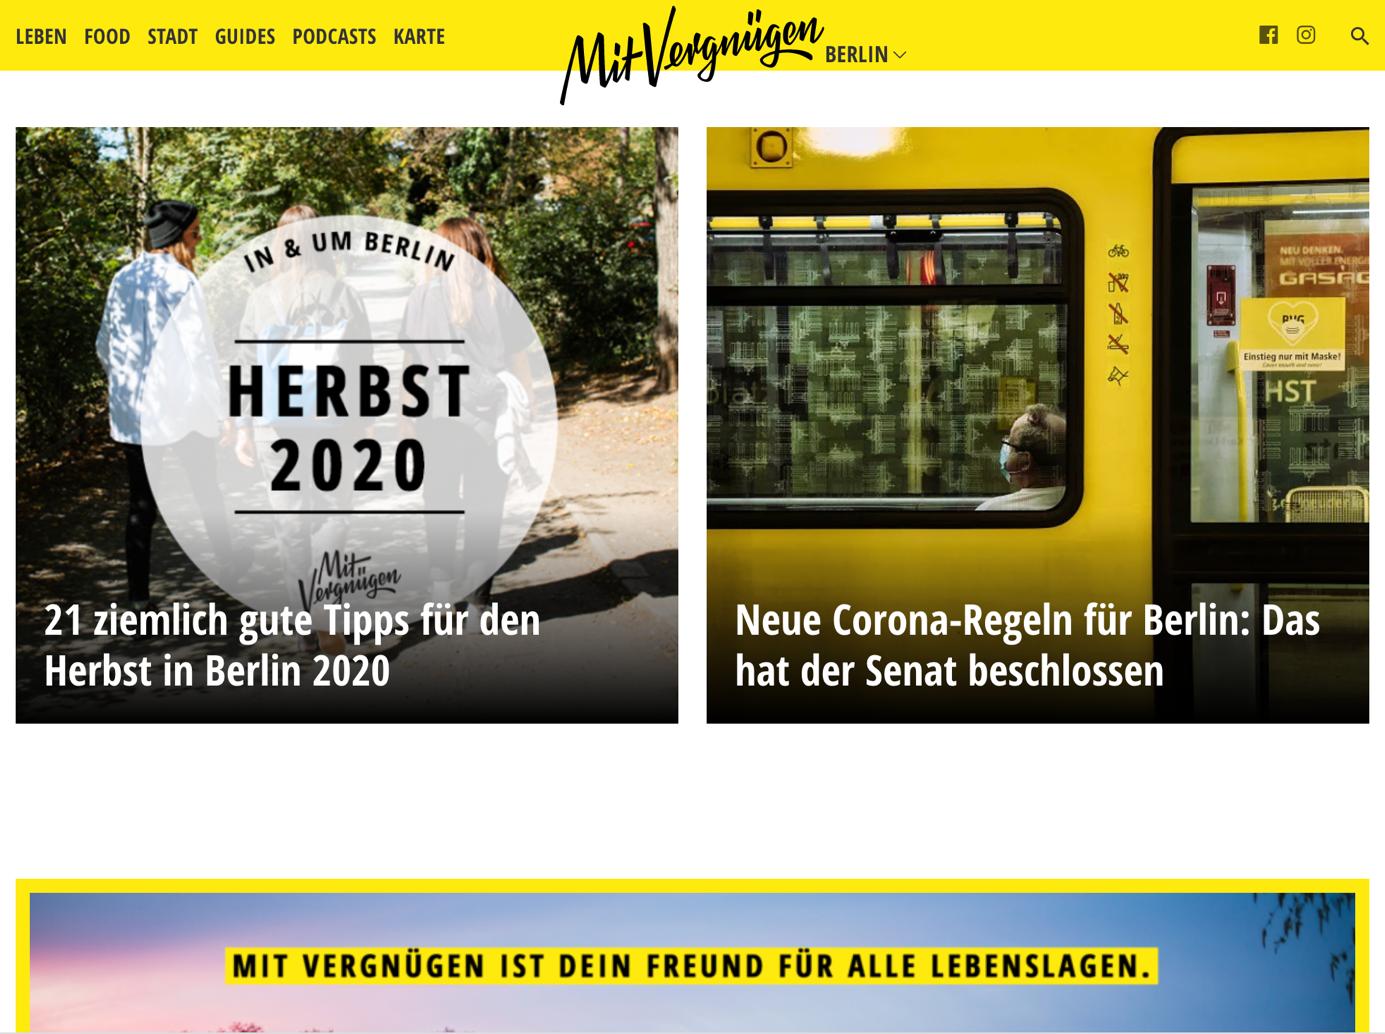 klares Homepage design bei mitvergnügen